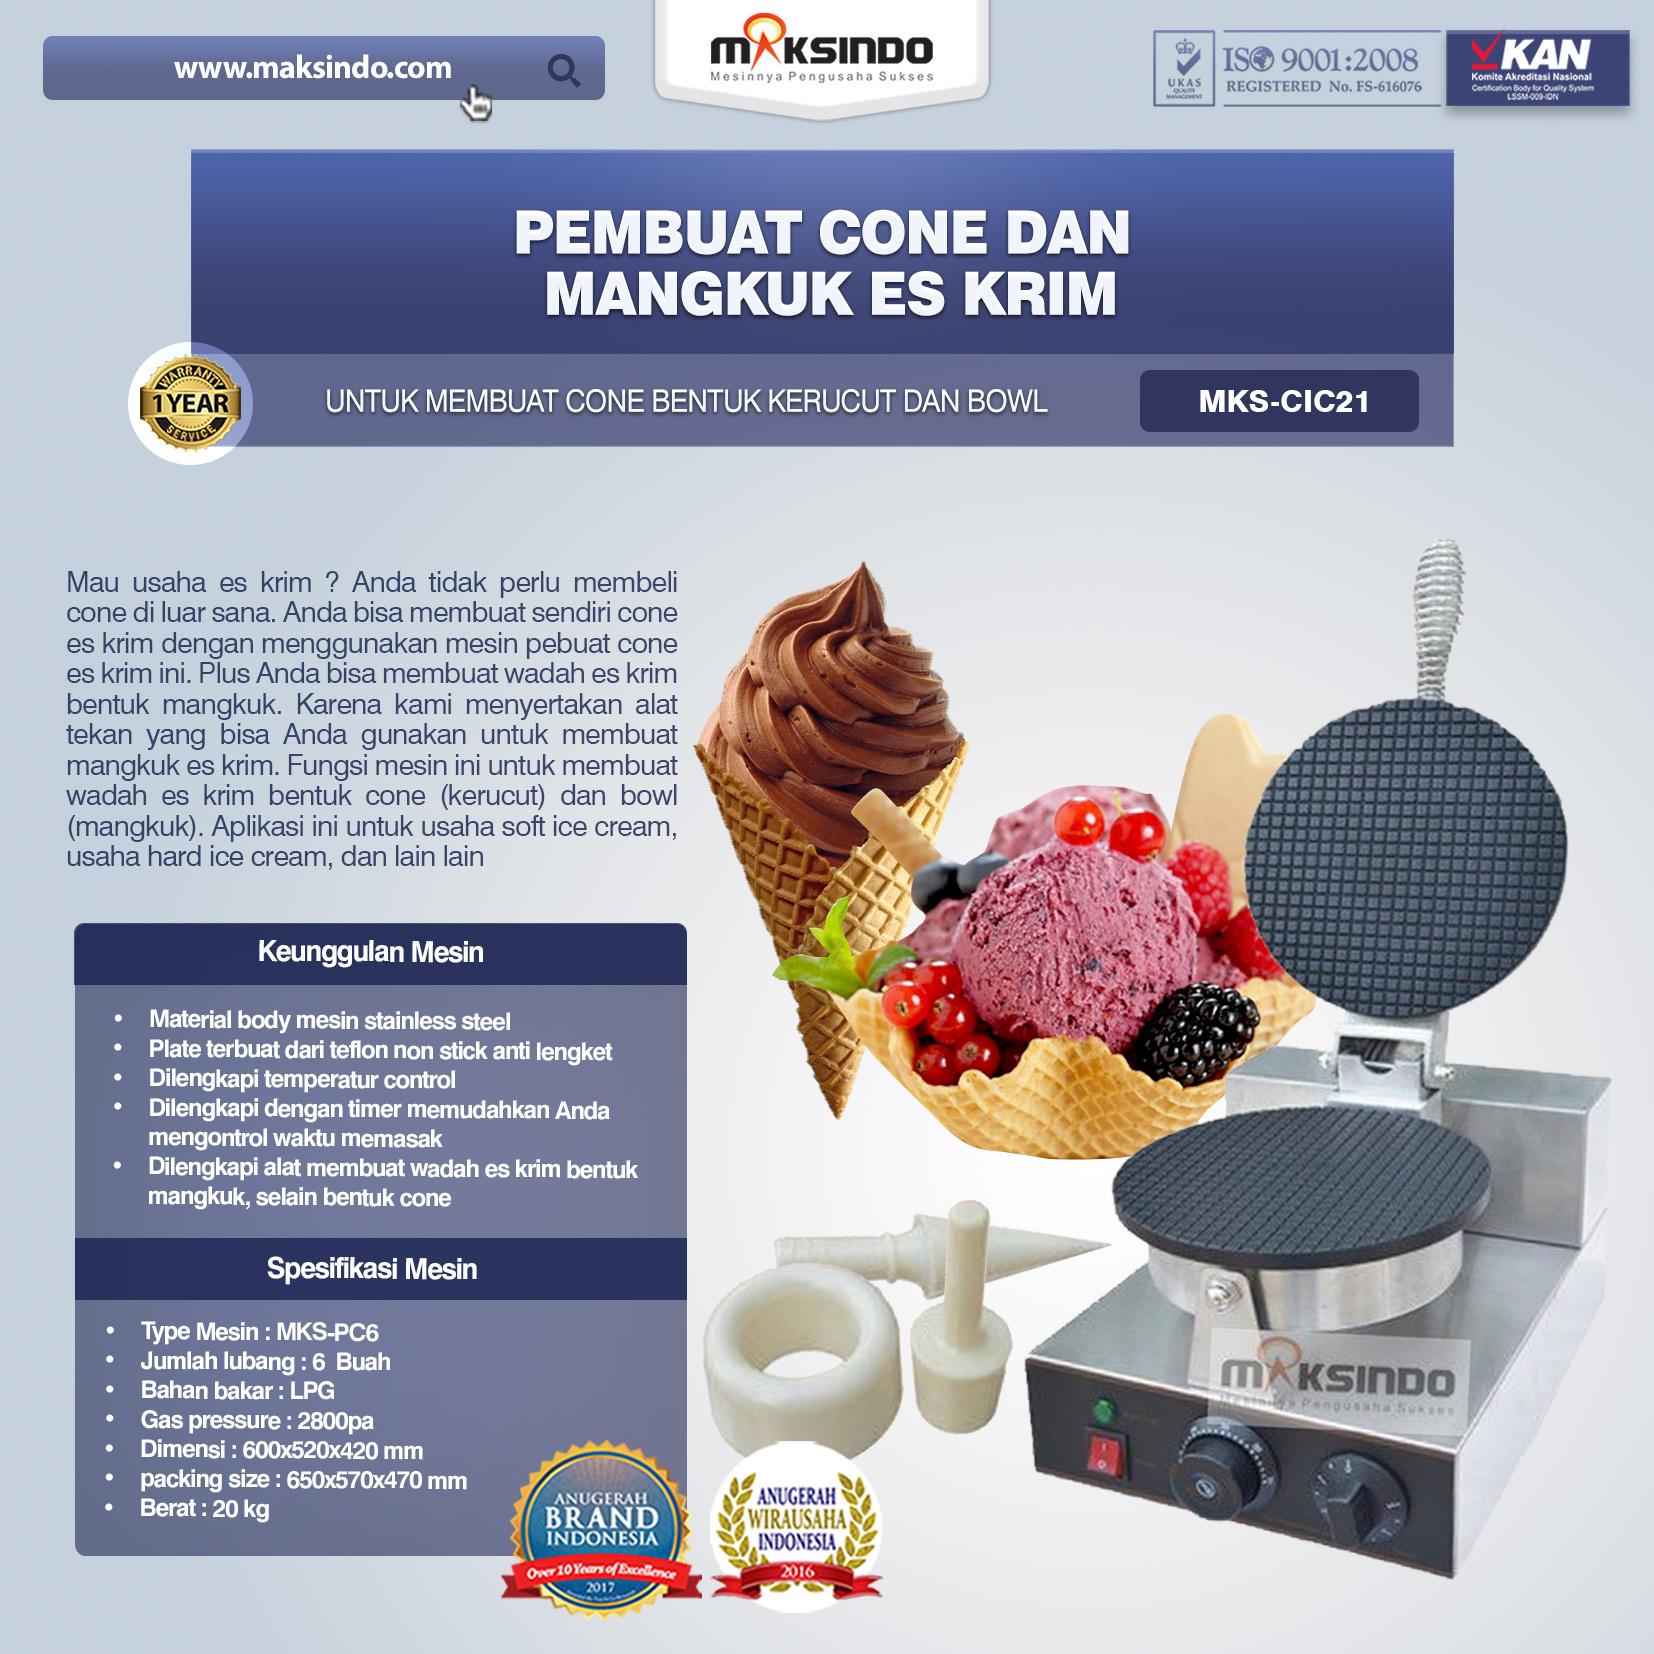 Pembuat Cone dan Mangkuk Es Krim CIC21